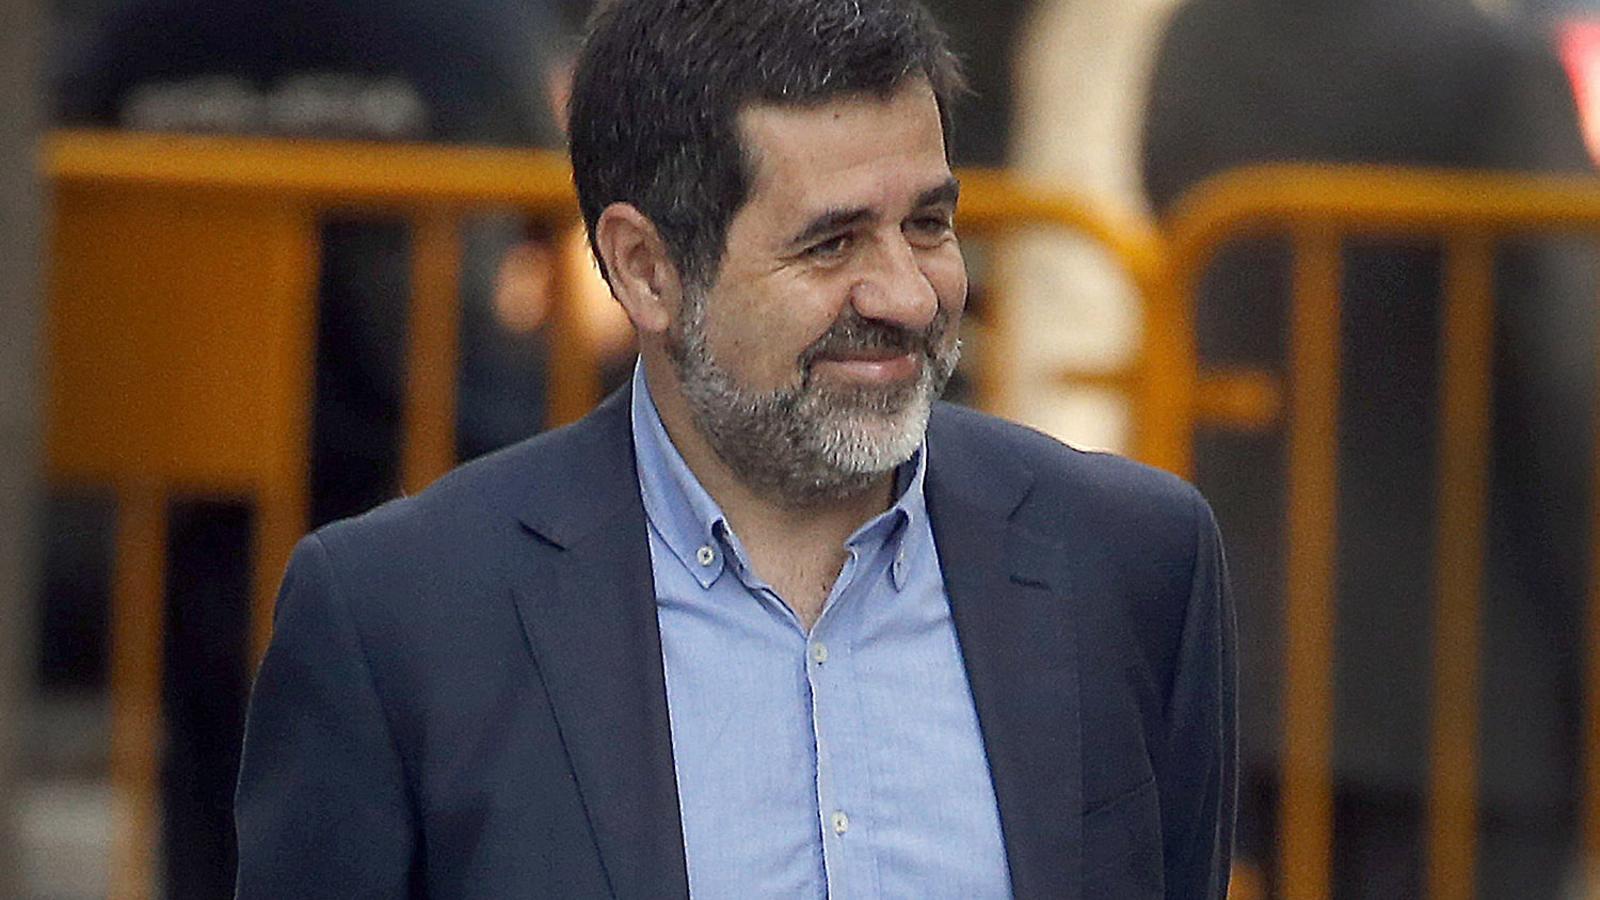 El número 2 de JxCat, Jordi Sànchez, davant l'Audiència Nacional el dia 16 d'octubre de l'any passat.